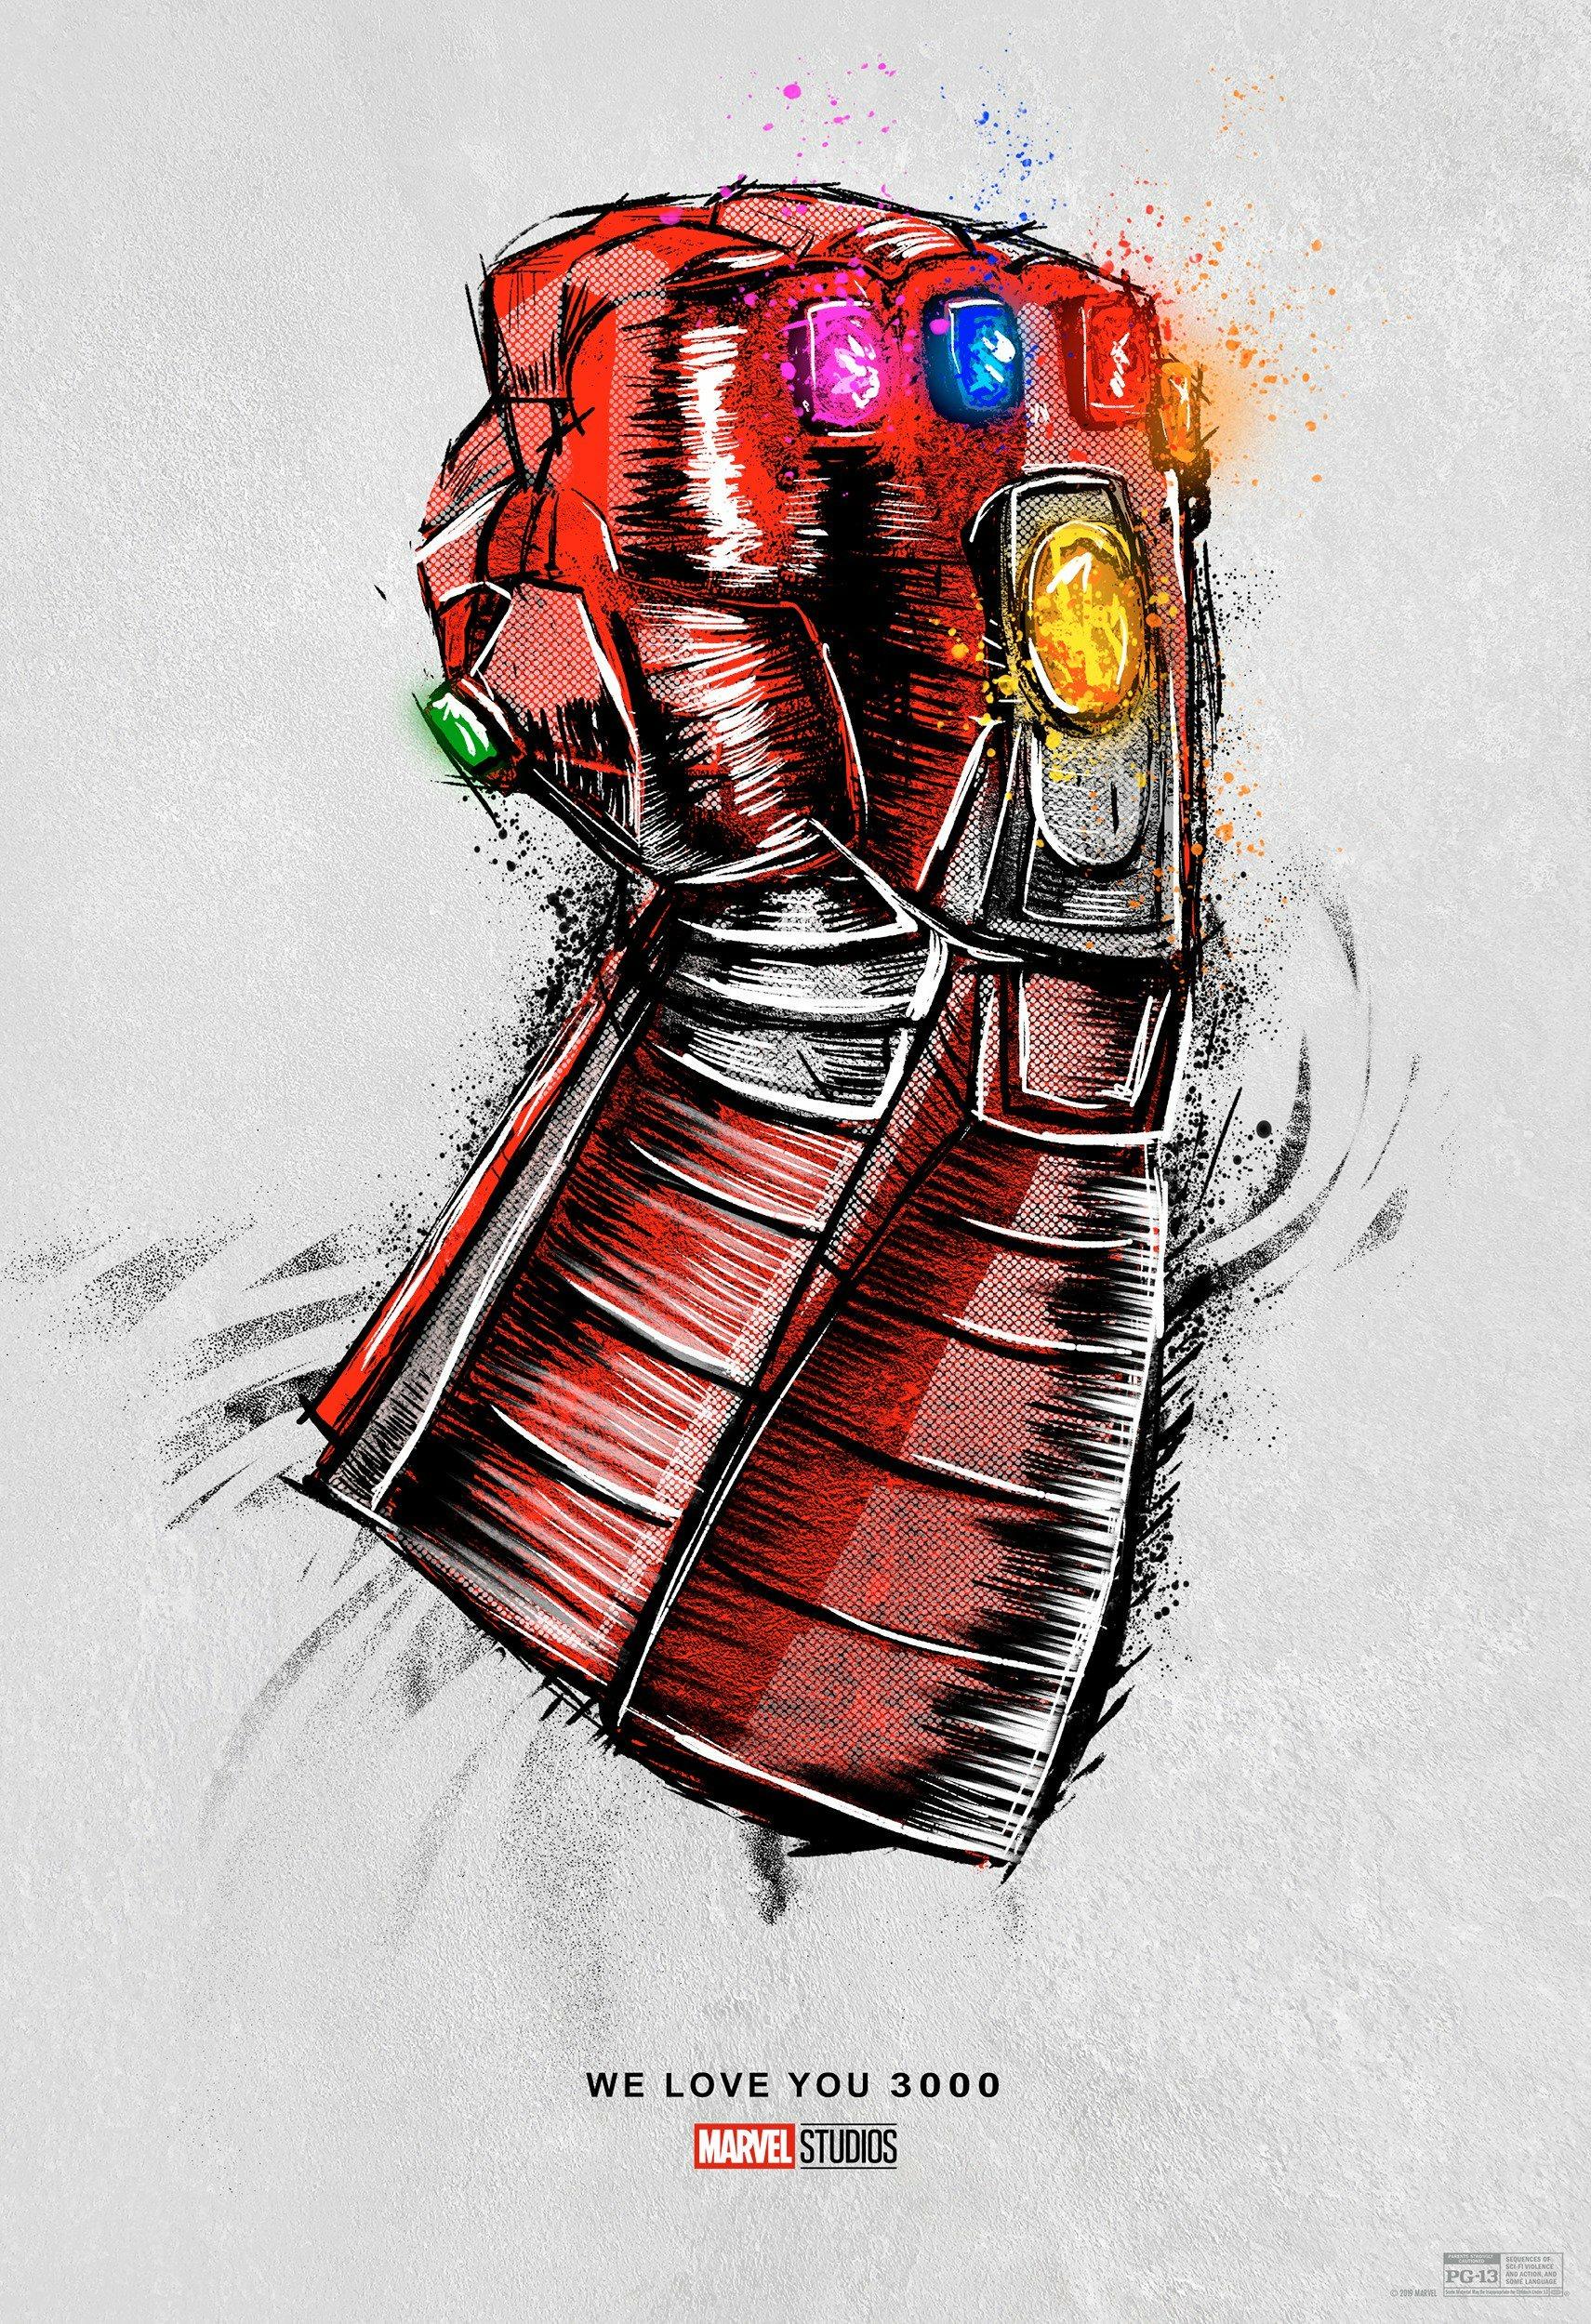 szmk_avengers_bosszuallok_endgame_vegjatek_iron_man_vasember_amerika_kapitany_thor_hulk_pokember_fekete_parduc_marvel_mjolnir_barmi_lesz_is_3000_szeresen_2.jpg